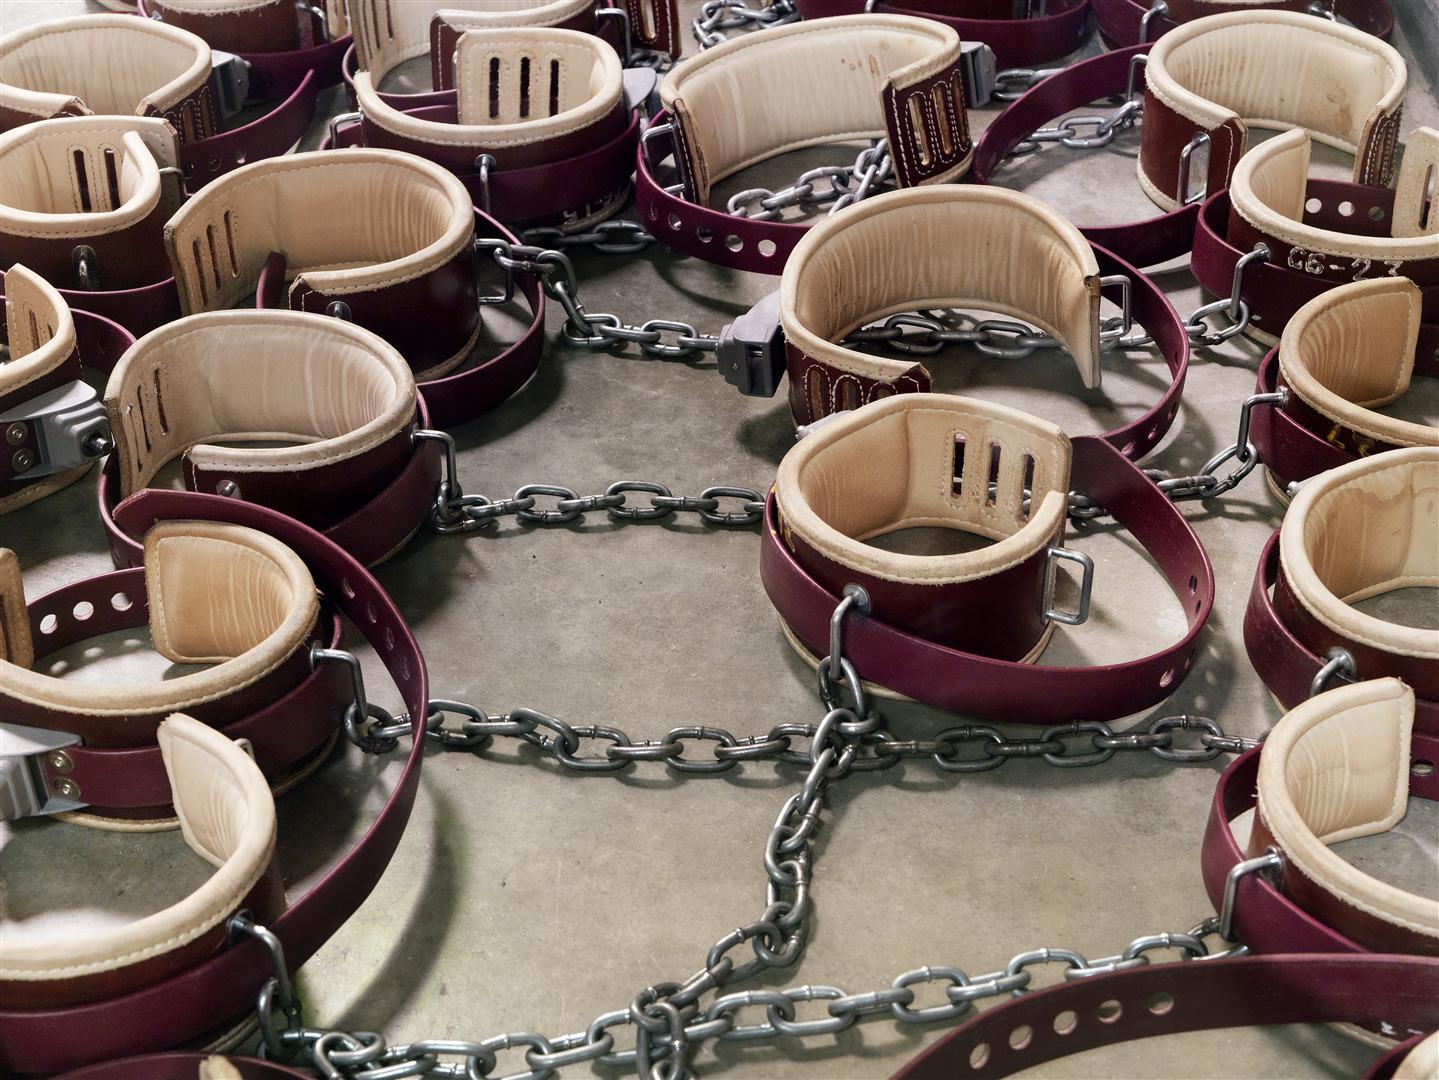 VI. tábor, bilincsek - 2009, Guantanamói-öböl - Fogolytábor, Kuba © Edmund Clark, Prix Pictet Ltd.jpg